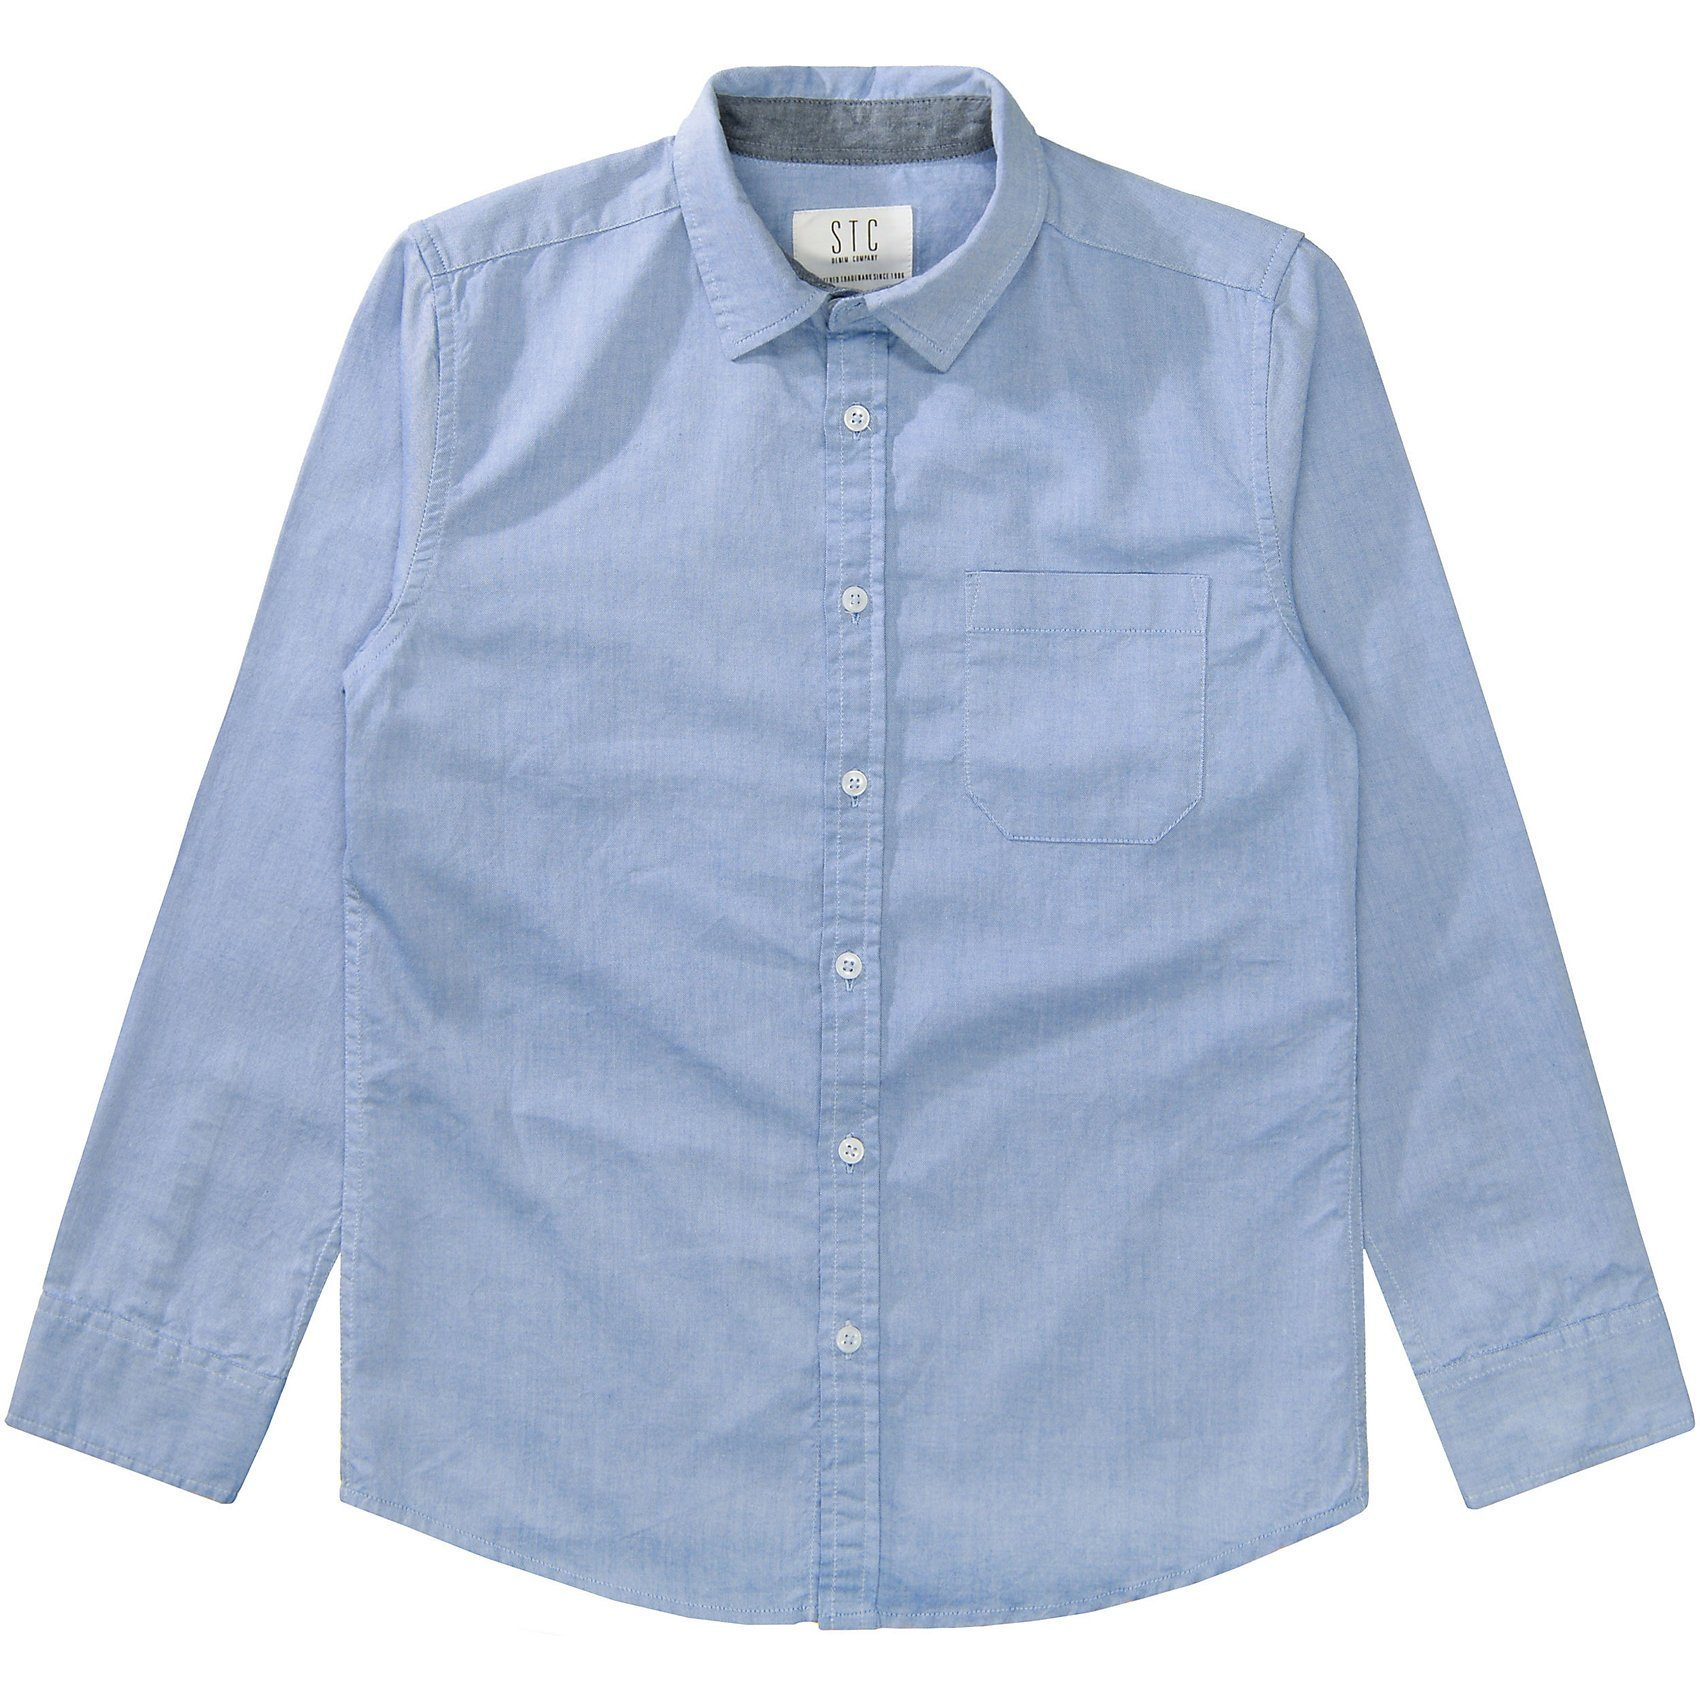 Herren,  Jungen,  Kinder STACCATO Langarmhemd für Jungen blau   04333853663068